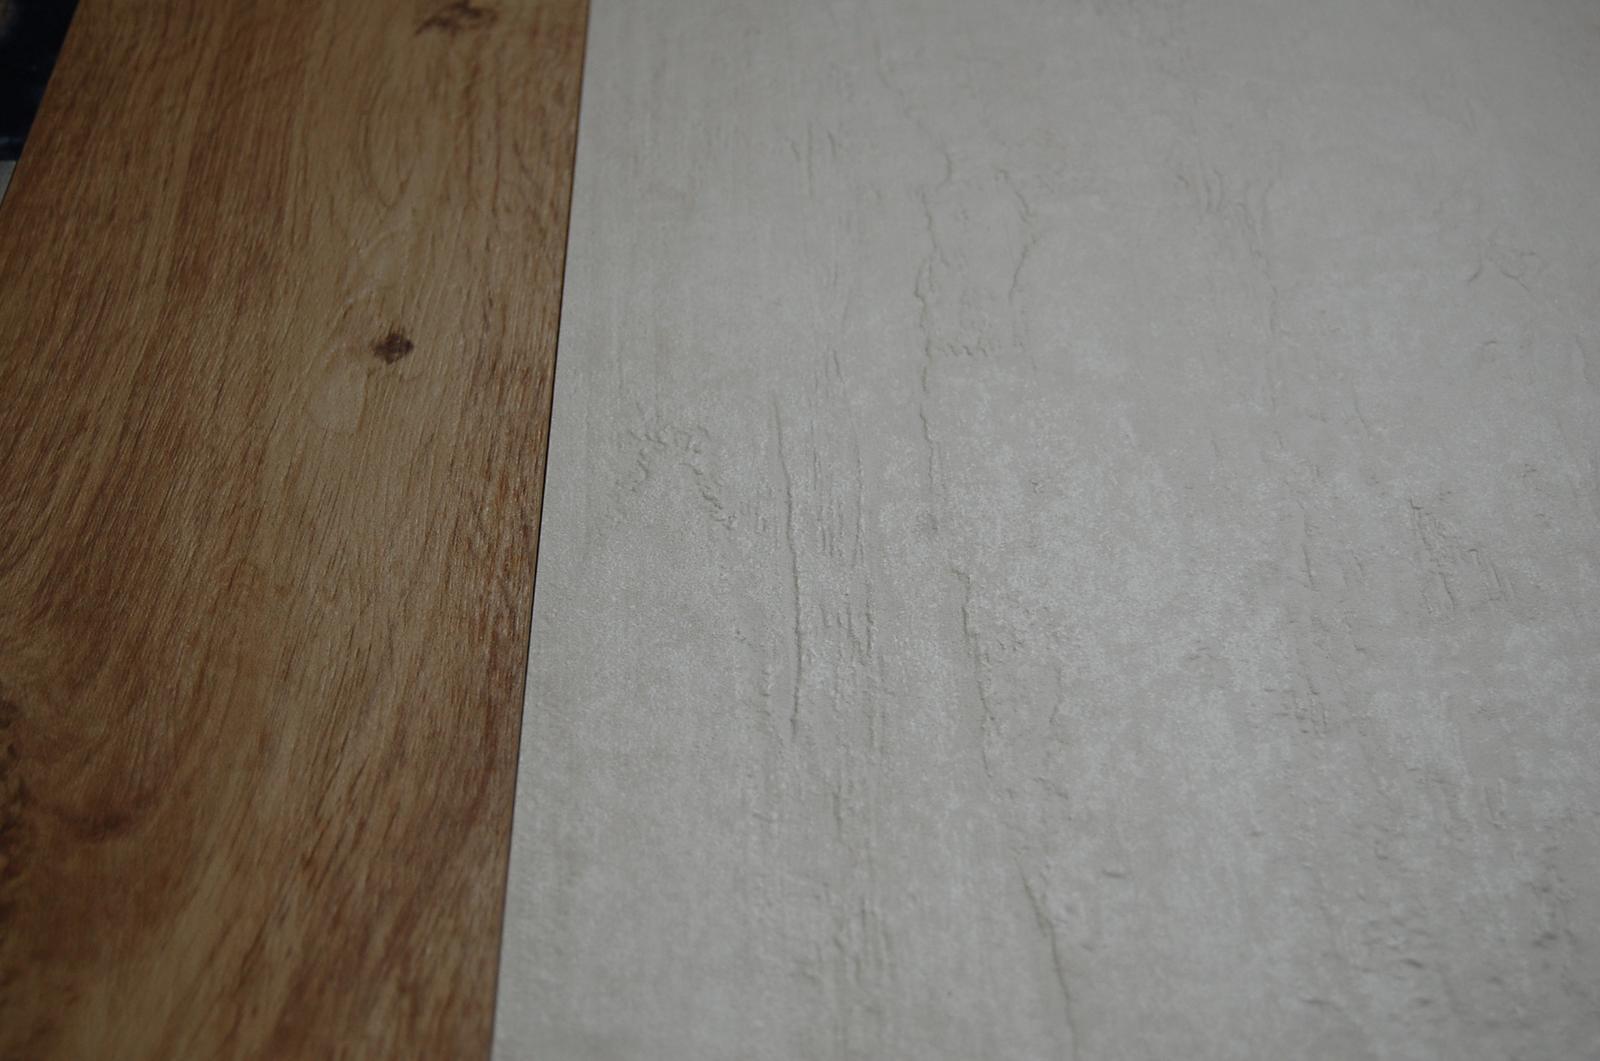 KOUPELNA ... vybíráme ... aneb co se nám líbí - Detail dlažby a obkladů - horní koupelna ... pro @balluuu